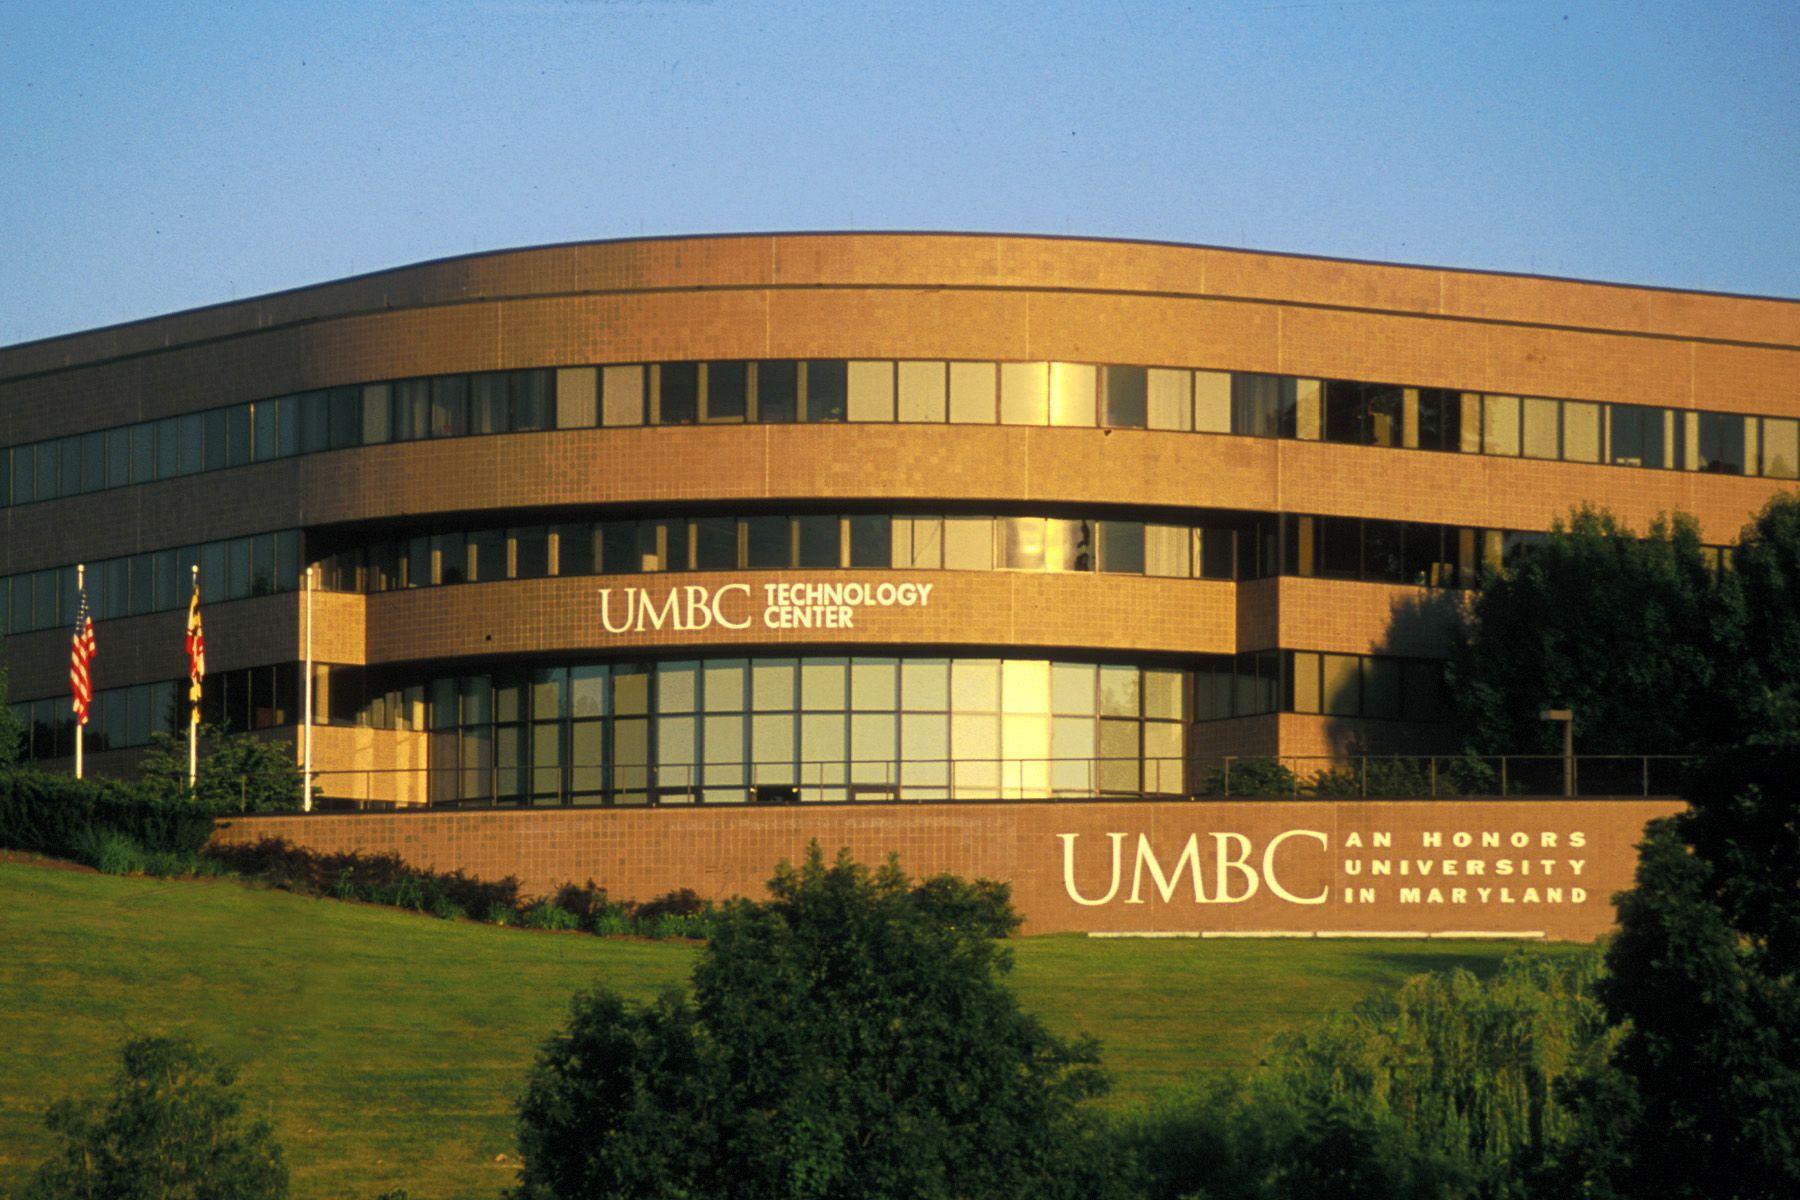 UMBC Technology Center. HamptonInnBWI UMBC